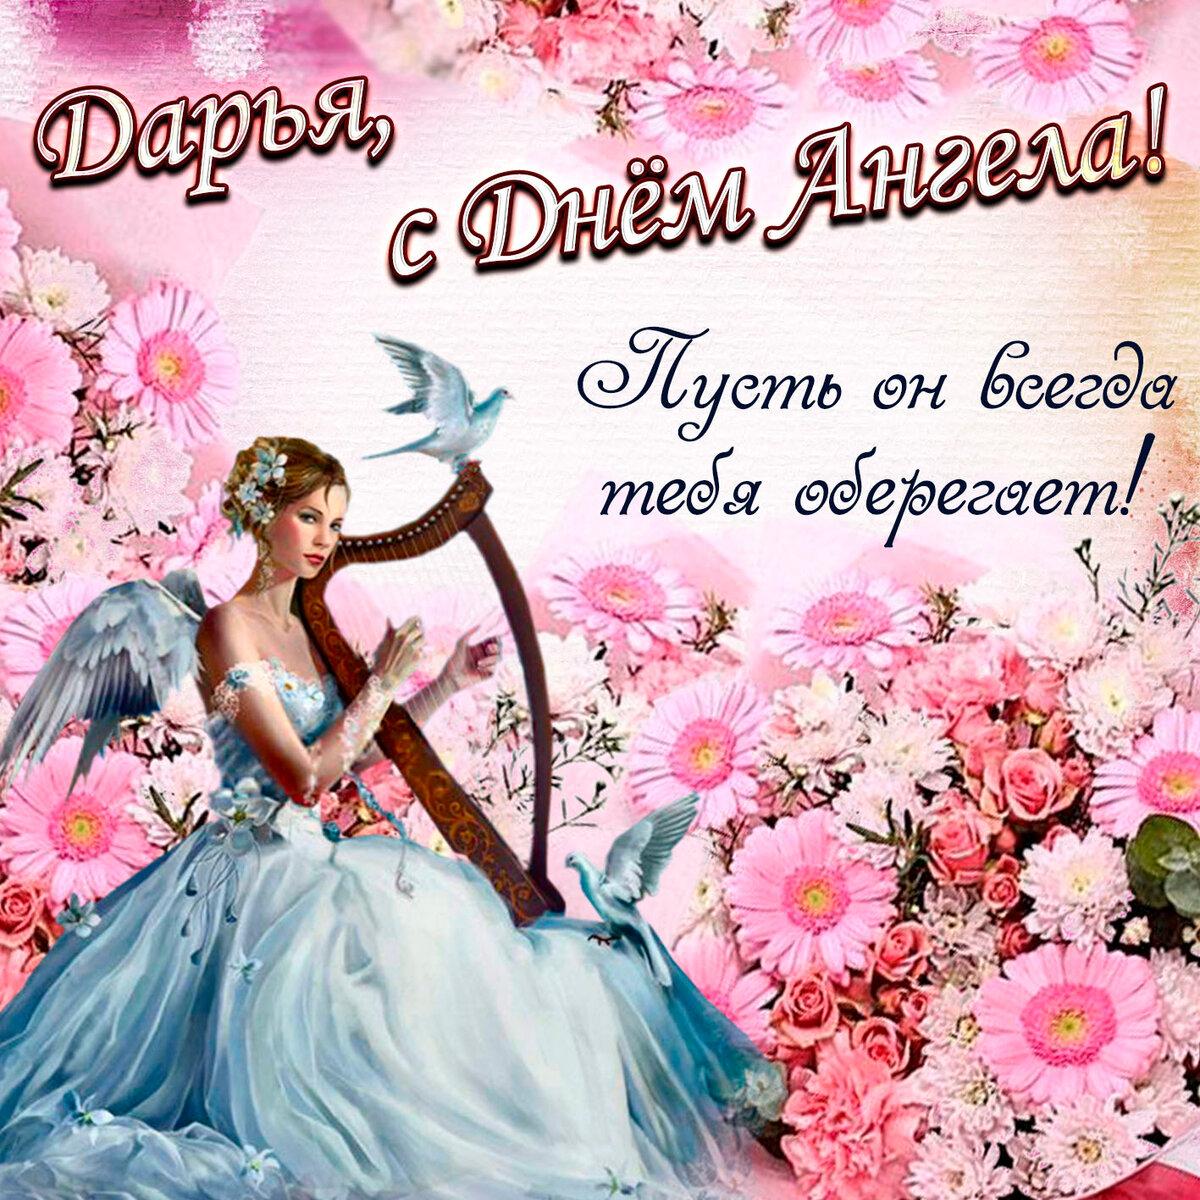 Красивые открытки на день ангела именины, фон картинки